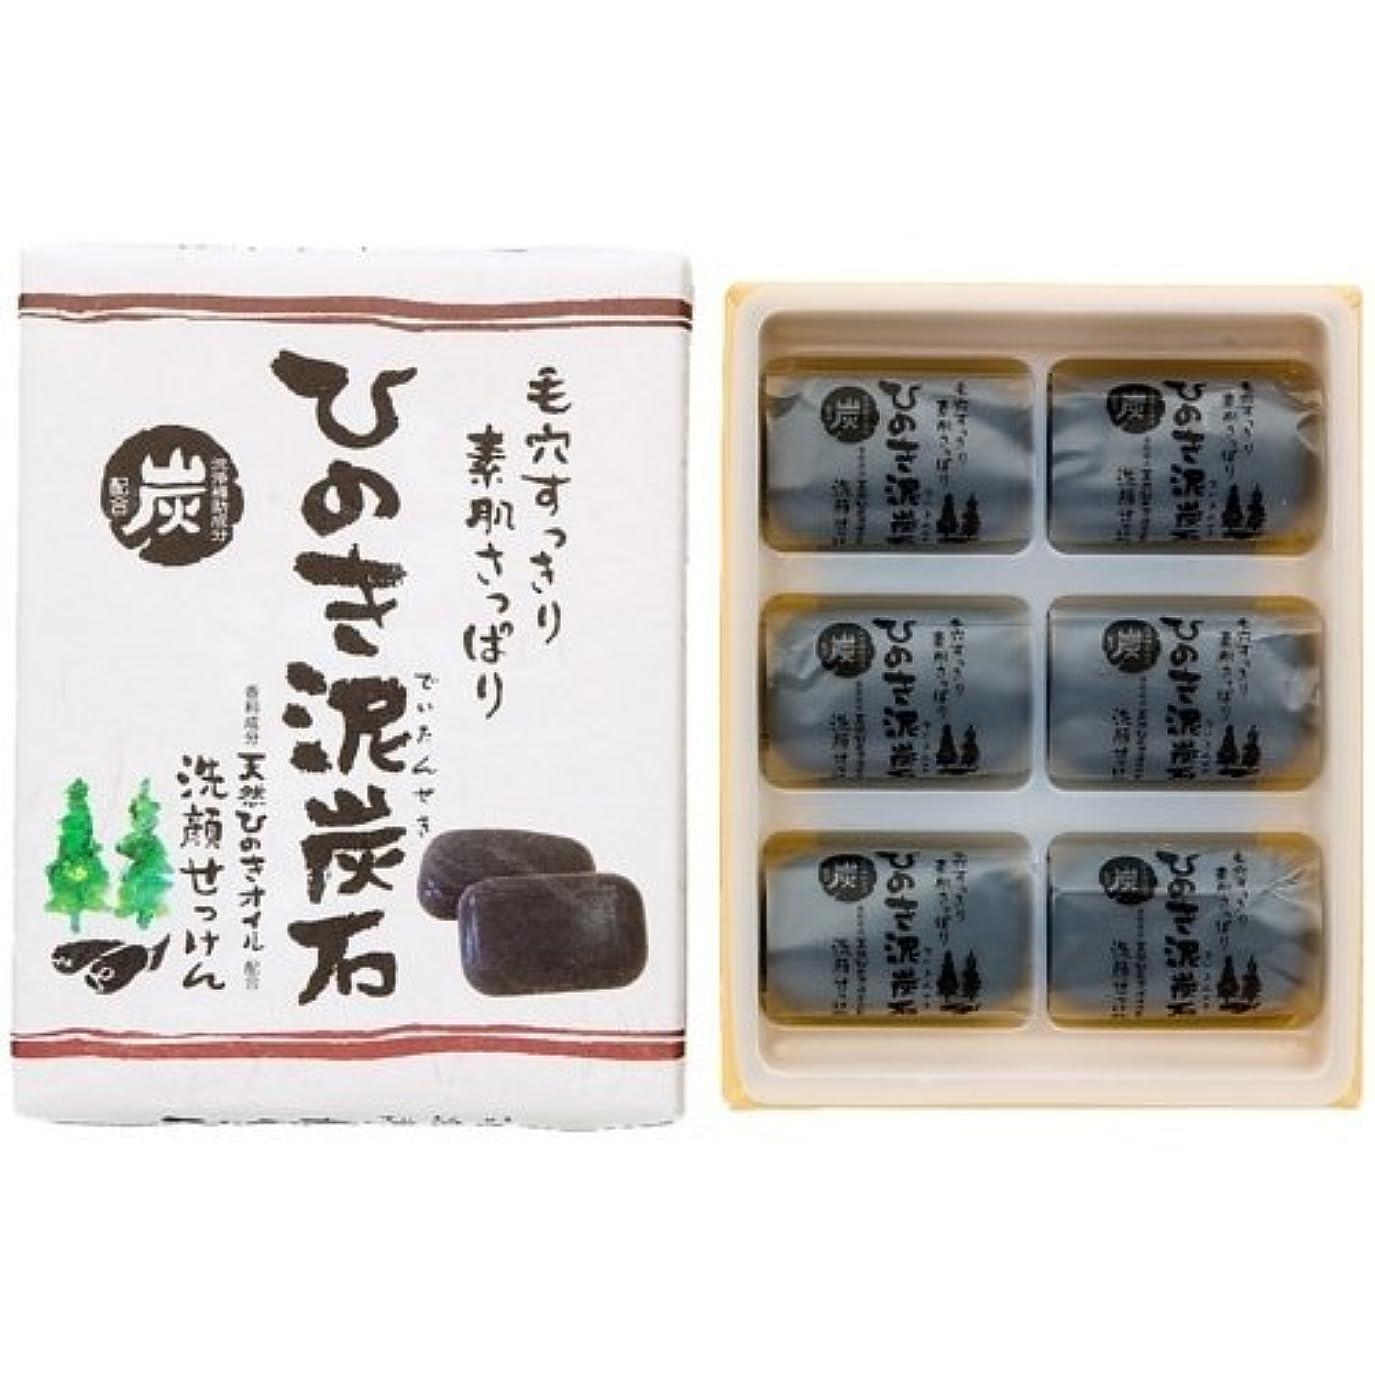 プール前置詞触手ひのき泥炭石 すっきりタイプ 黒 30g×6個入